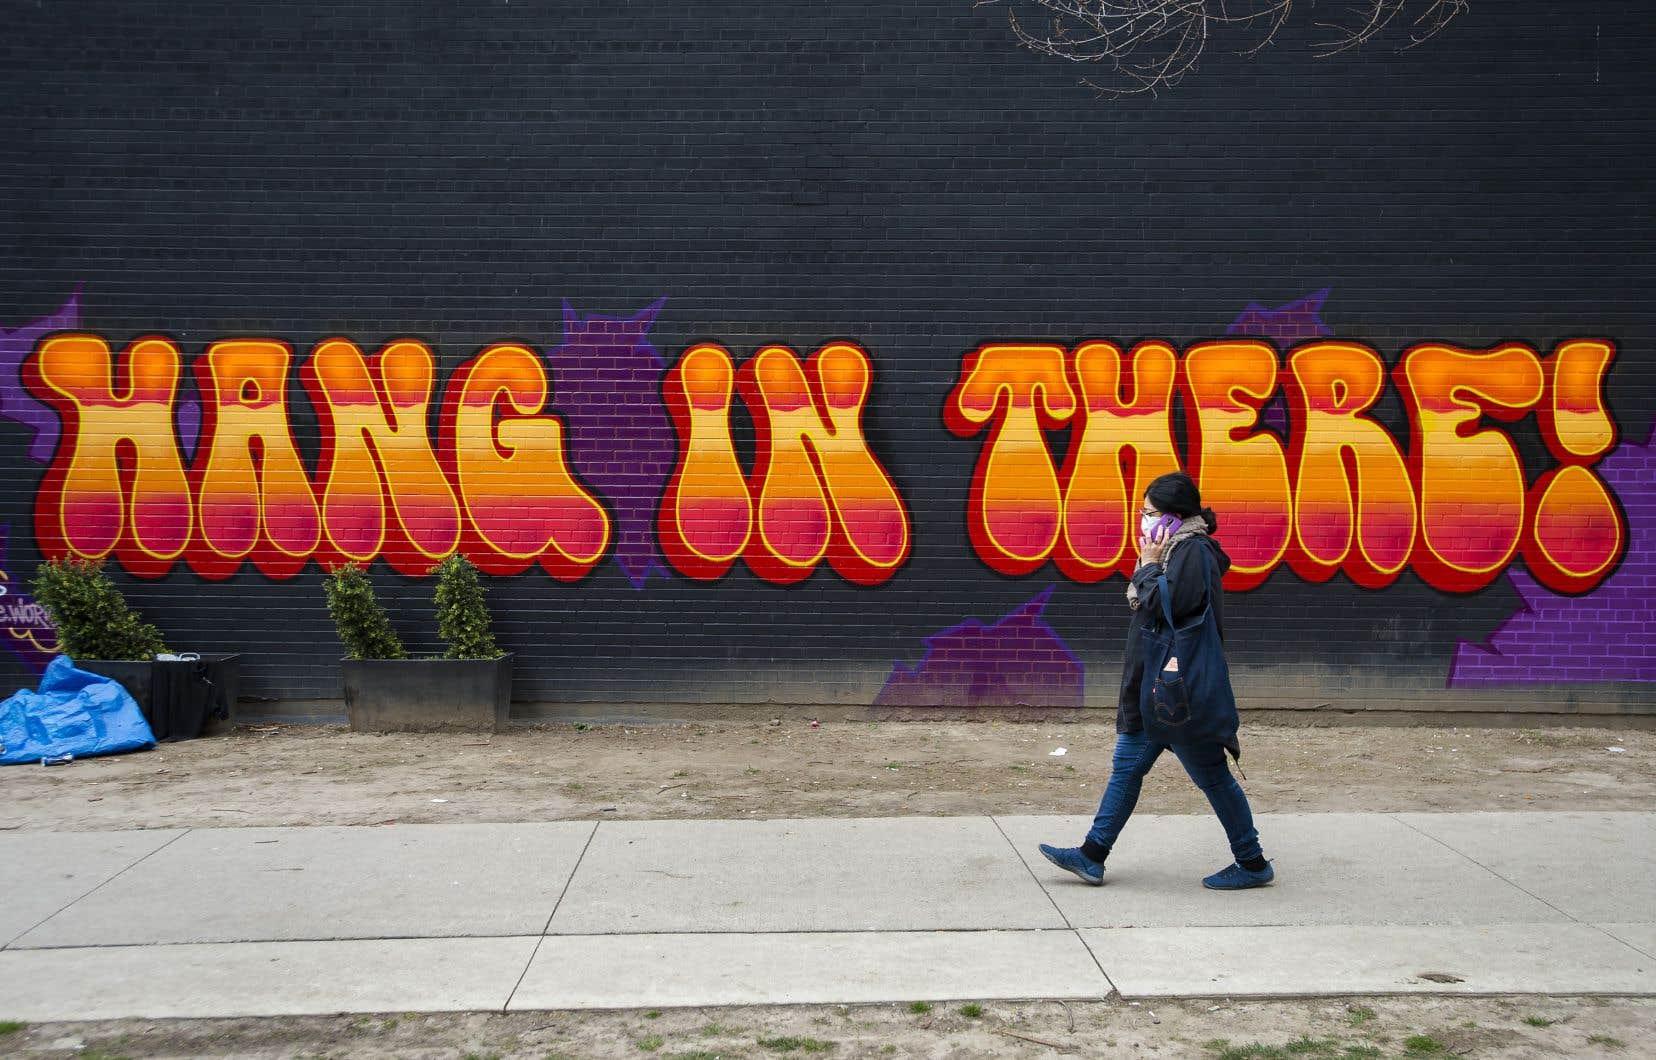 Au total, l'Ontario dénombre 15728 diagnostics positifs — une hausse de 2,3% par rapport à la veille, ce qui constitue la plus faible hausse des dernières semaines.